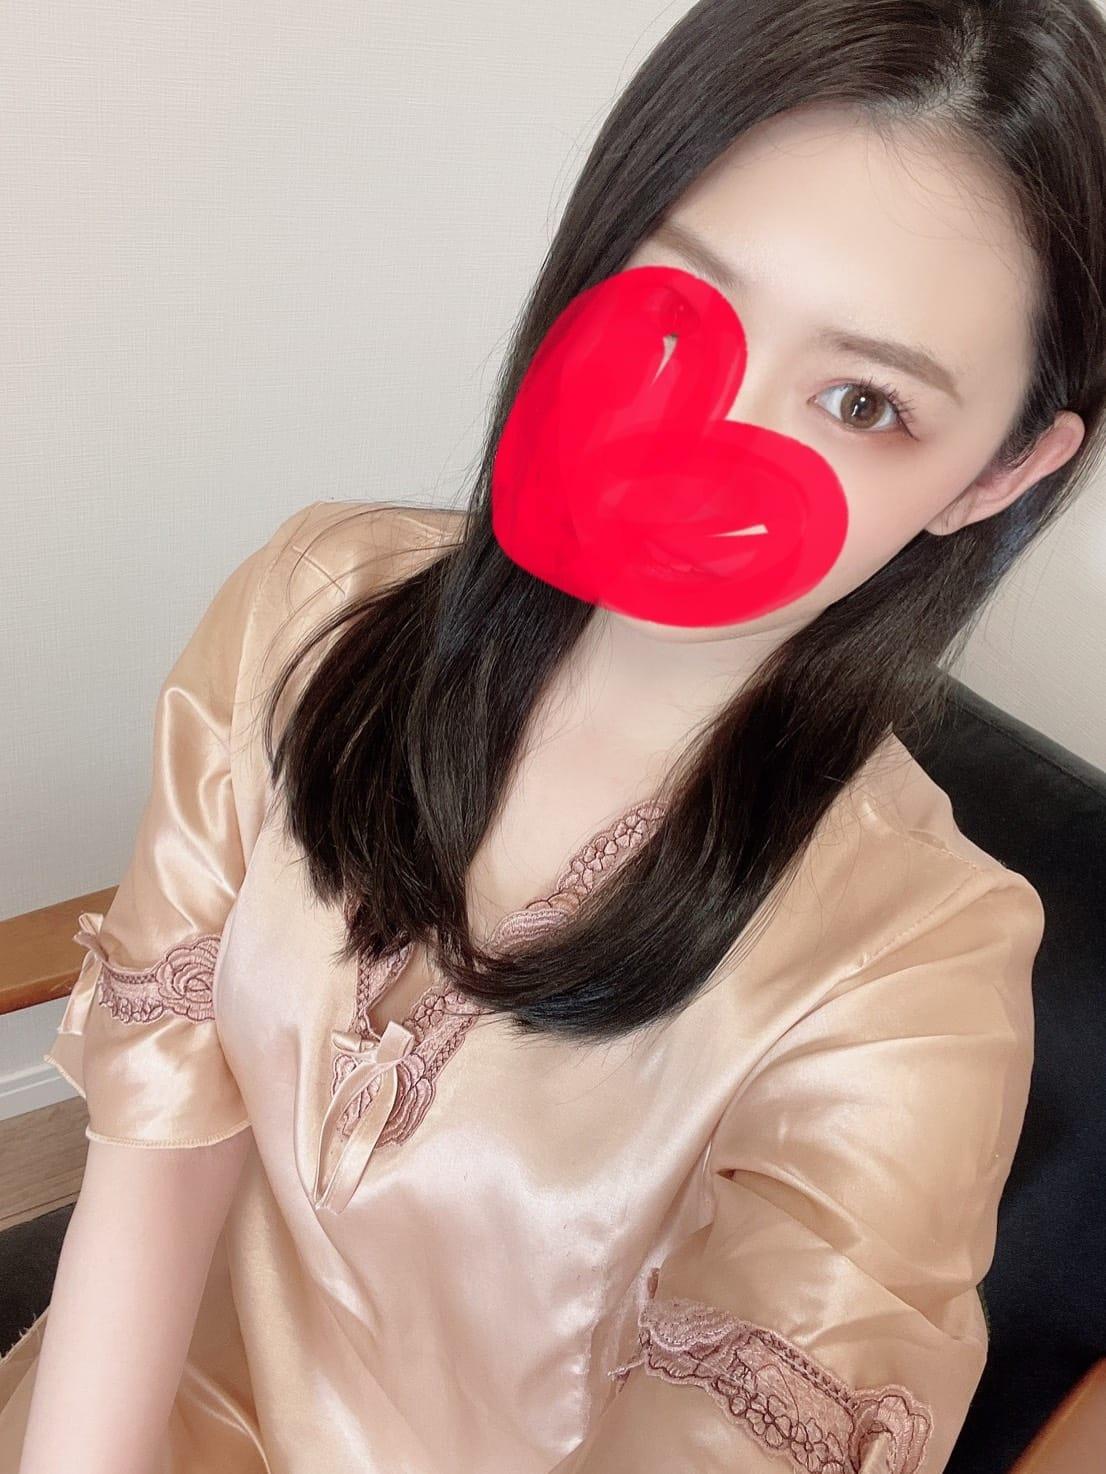 明里(あかり) GOSSIP GIRL | GOSSIP-ゴシップ-